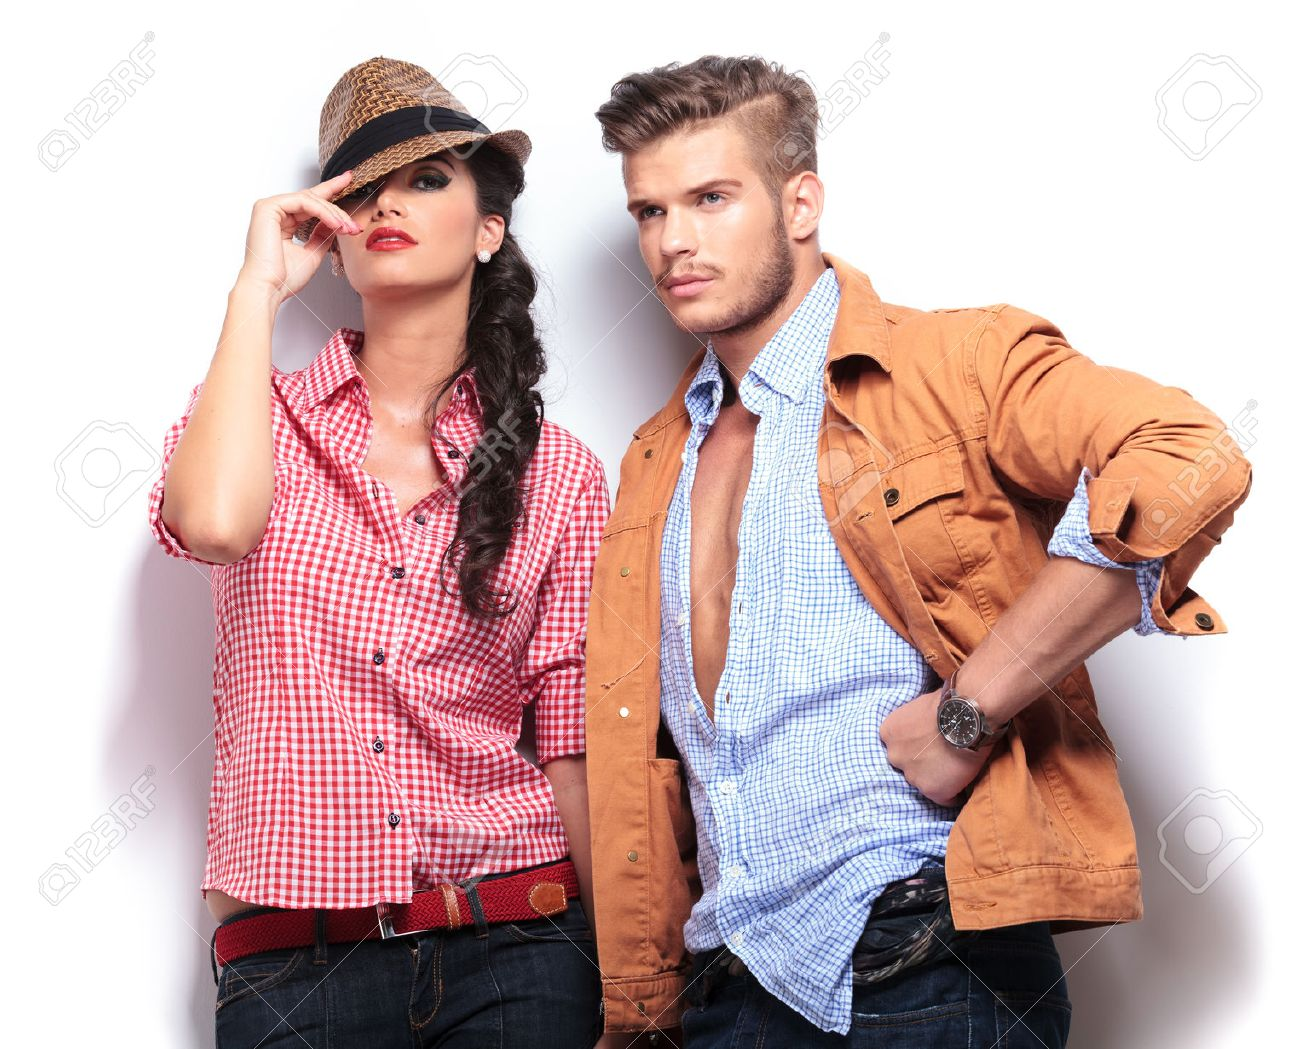 Beauté, physique, mode, style vestimentaire: et le chrétien dans tout ça ? 26220069-jeunes-mannequins-occasionnels-posant-dans-le-studio-femme-regardant-la-camaera-et-homme-regardant-l-Banque-d%27images